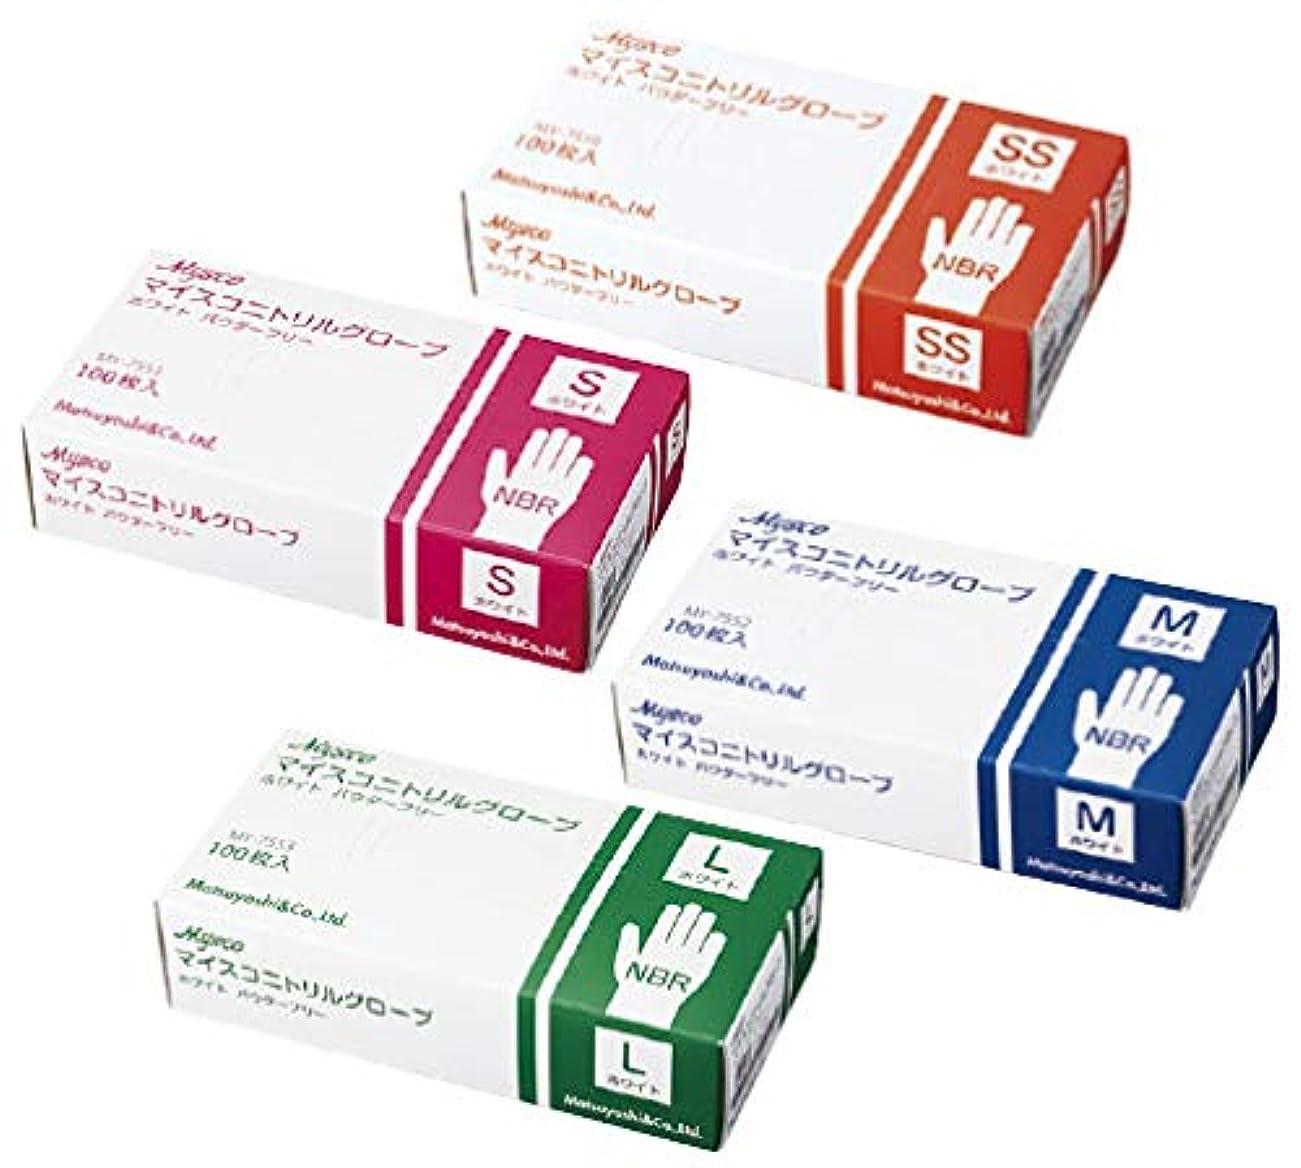 ちっちゃい同意するアナログマイスコ ニトリルグローブ ホワイト 粉なし M 100枚入り 3箱